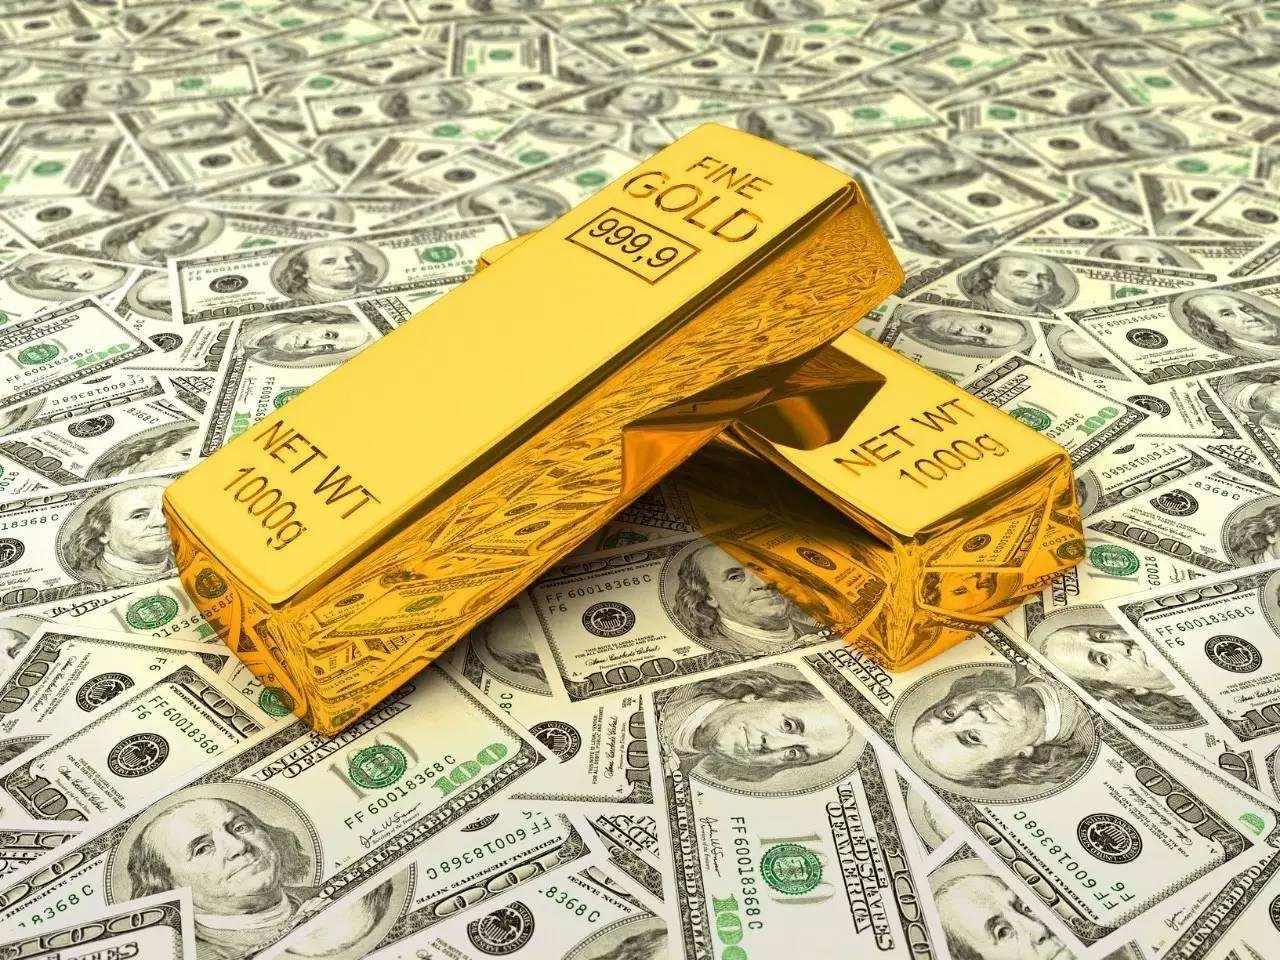 ставка и плата за жилищное кредитование